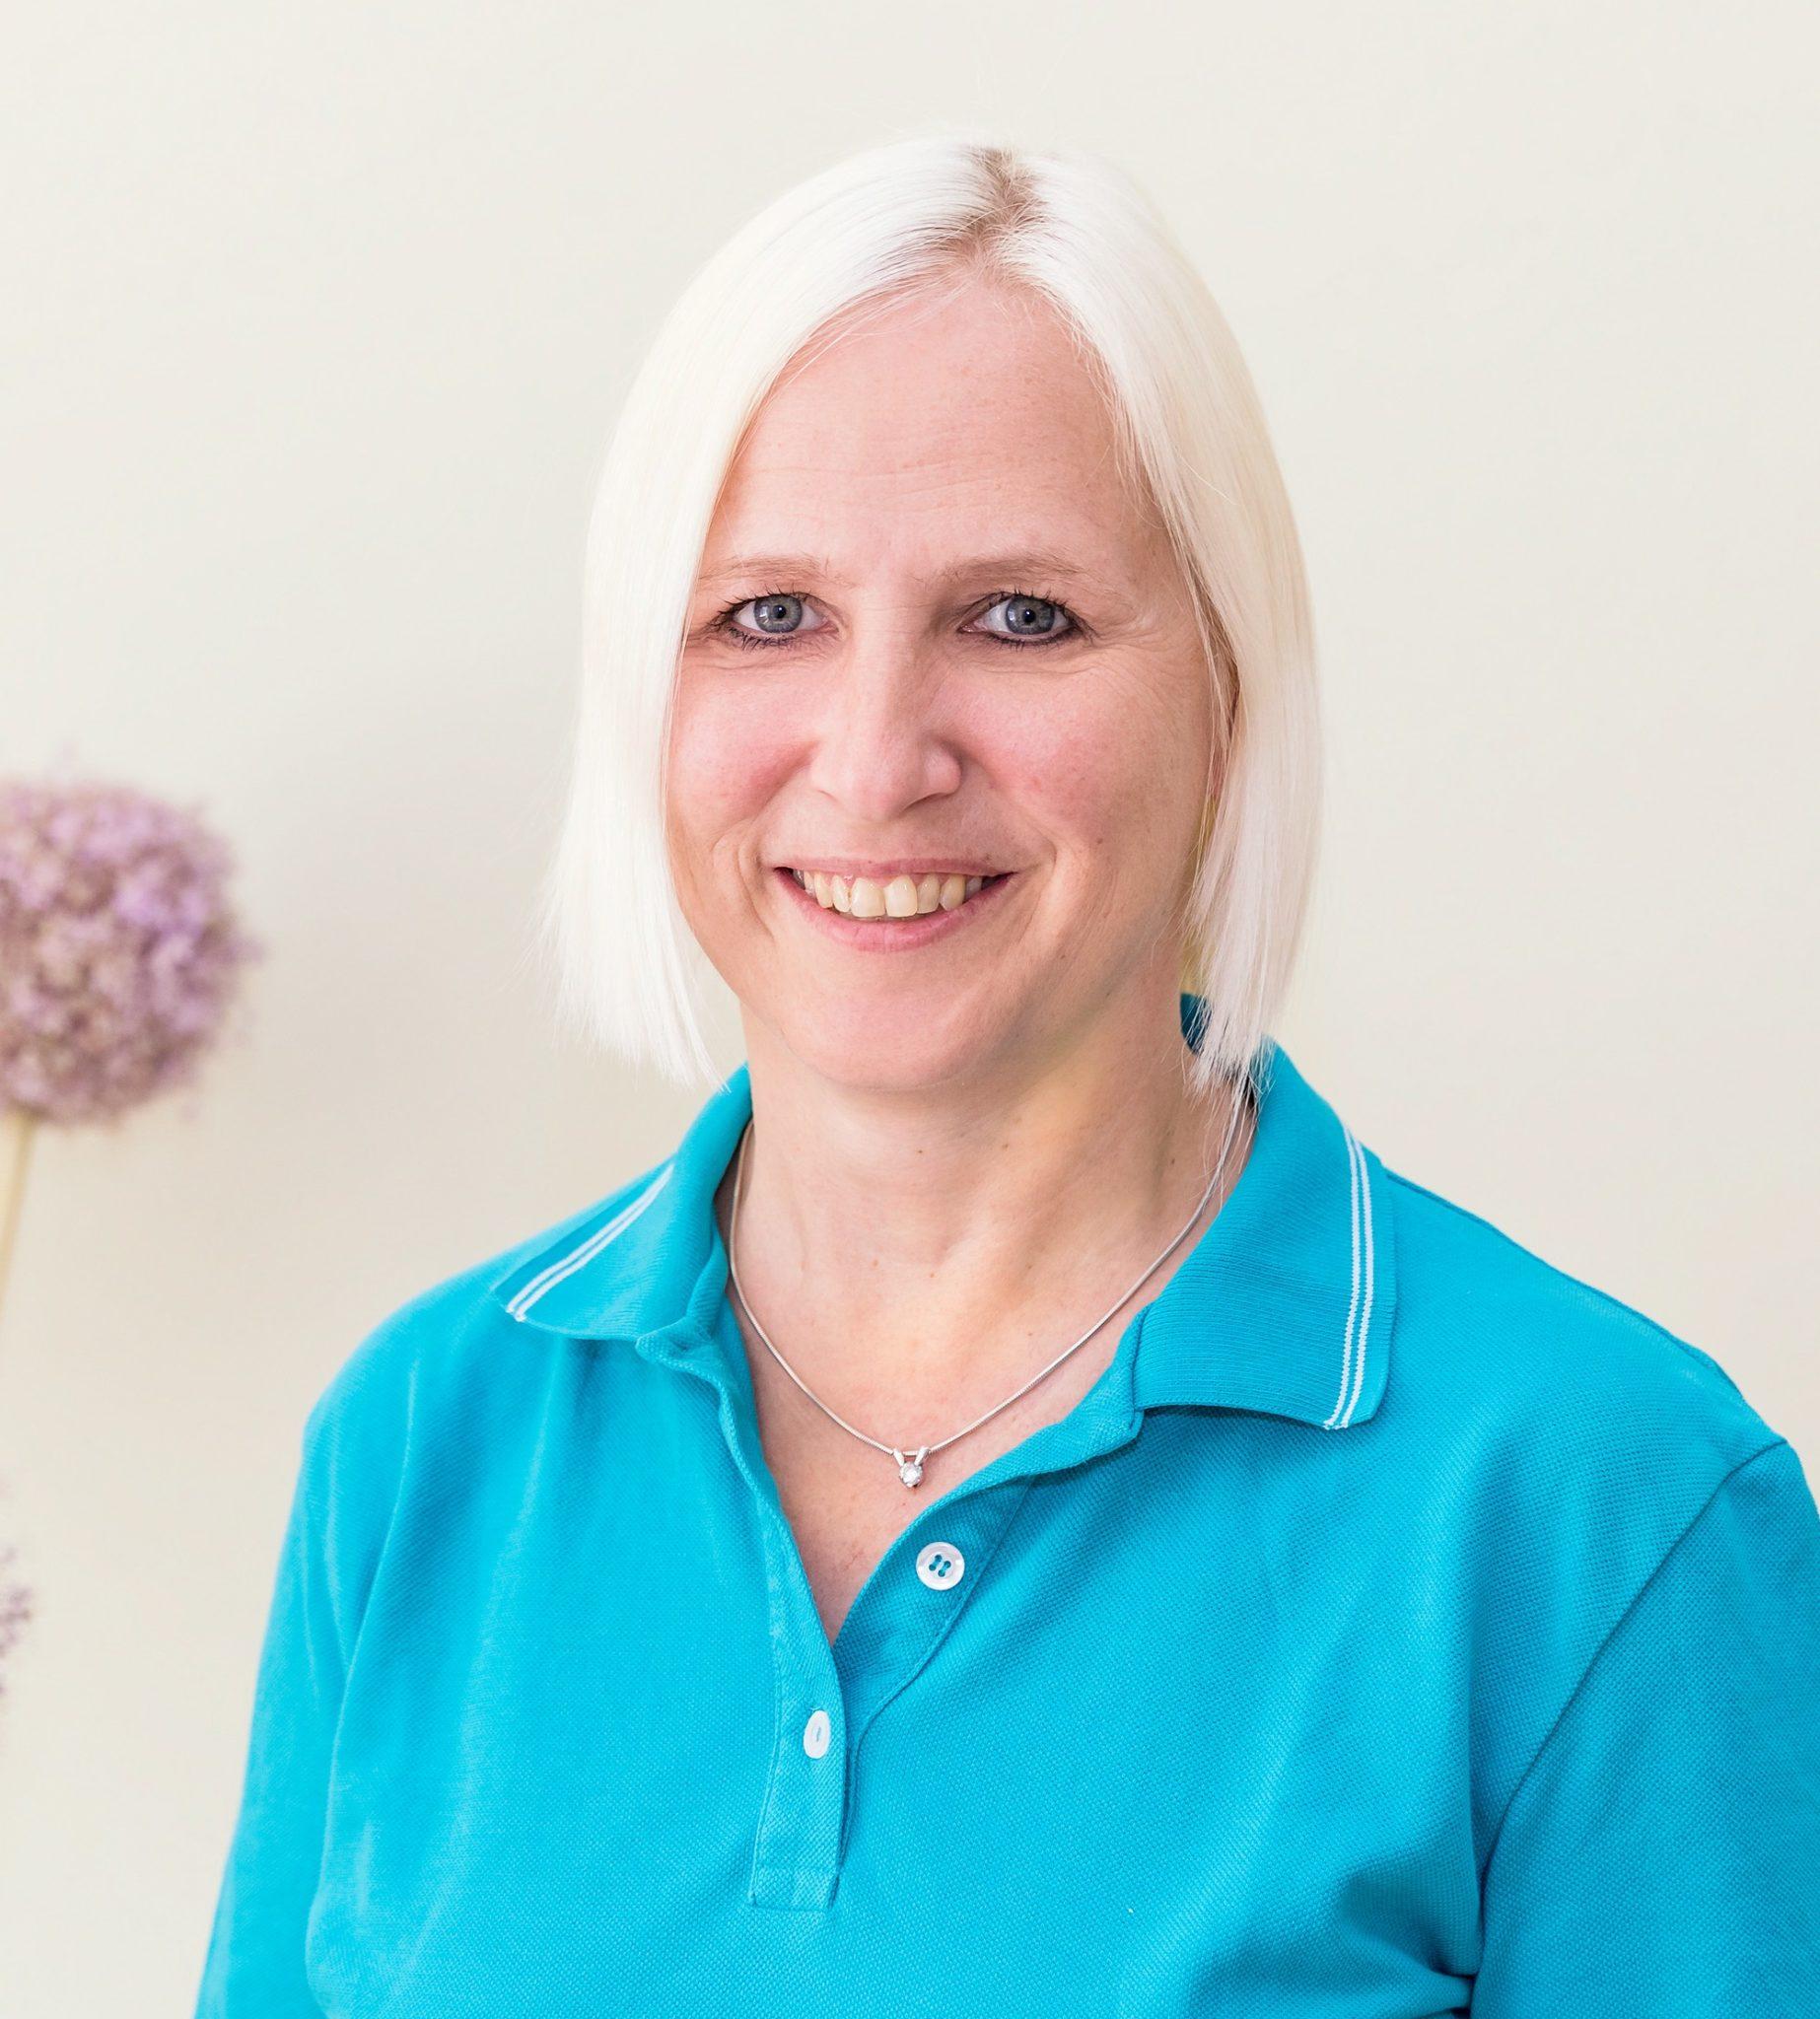 Anne Farenholtz Ärztin in Weiterbildung zum Fach Allgemeinmedizin